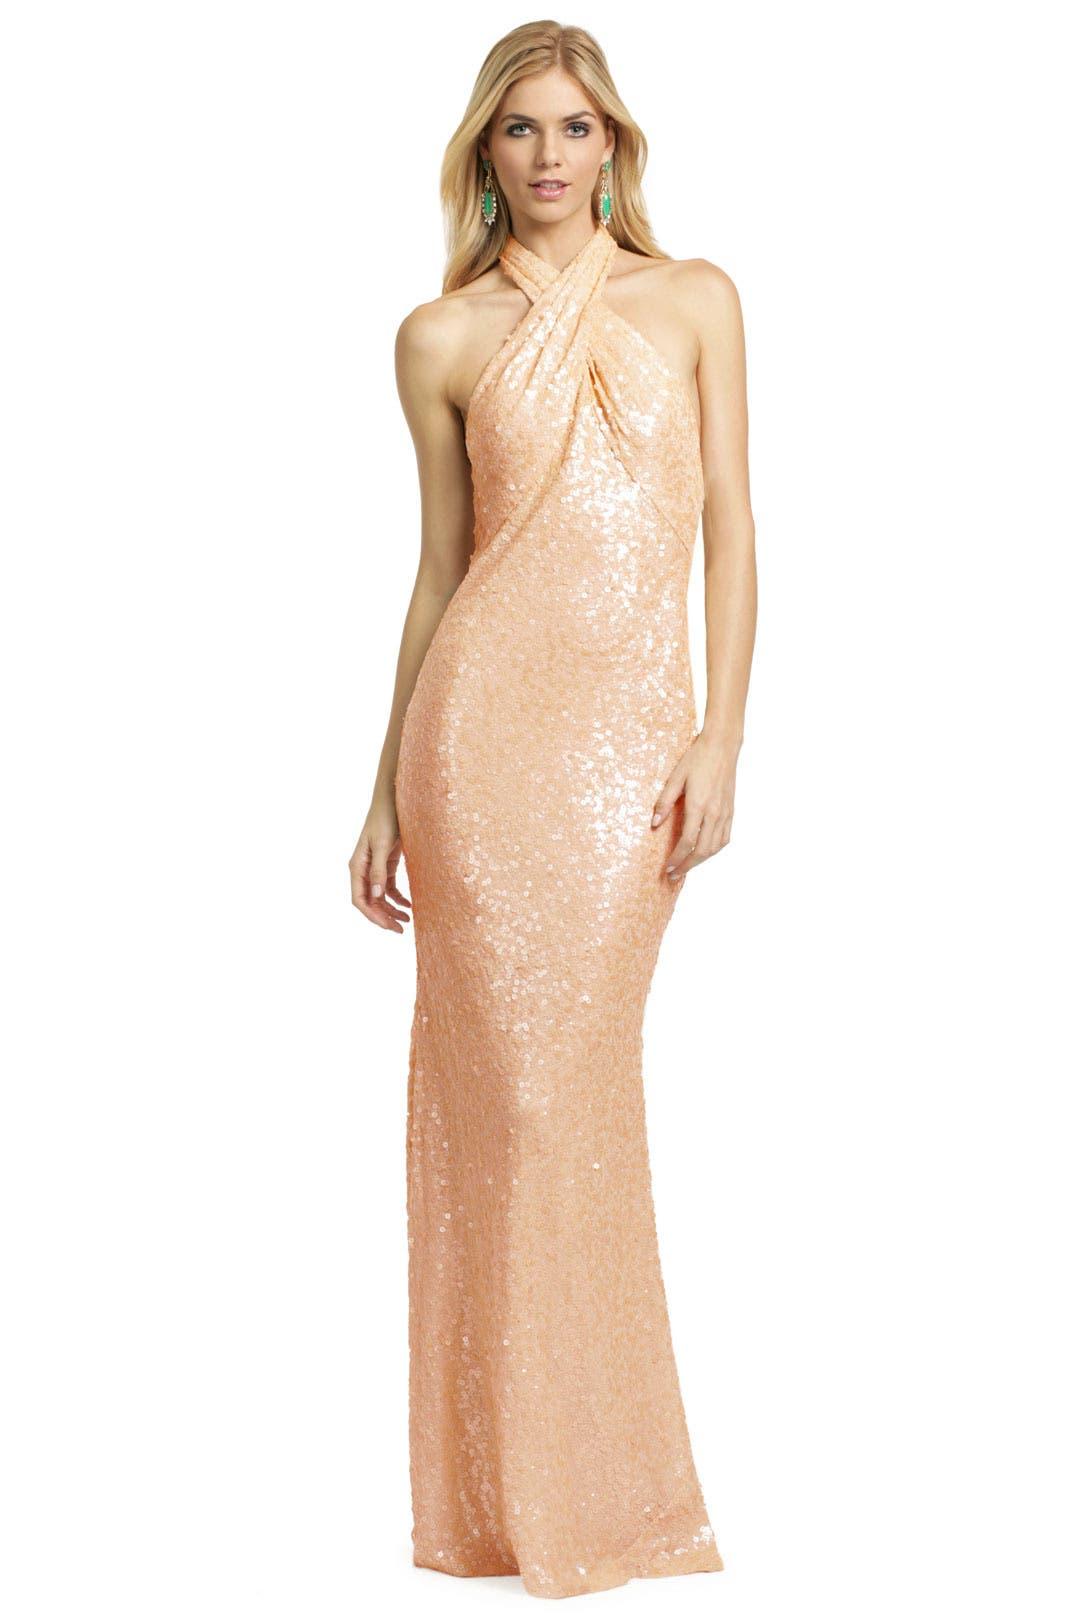 Champagne Fizz Gown by Badgley Mischka